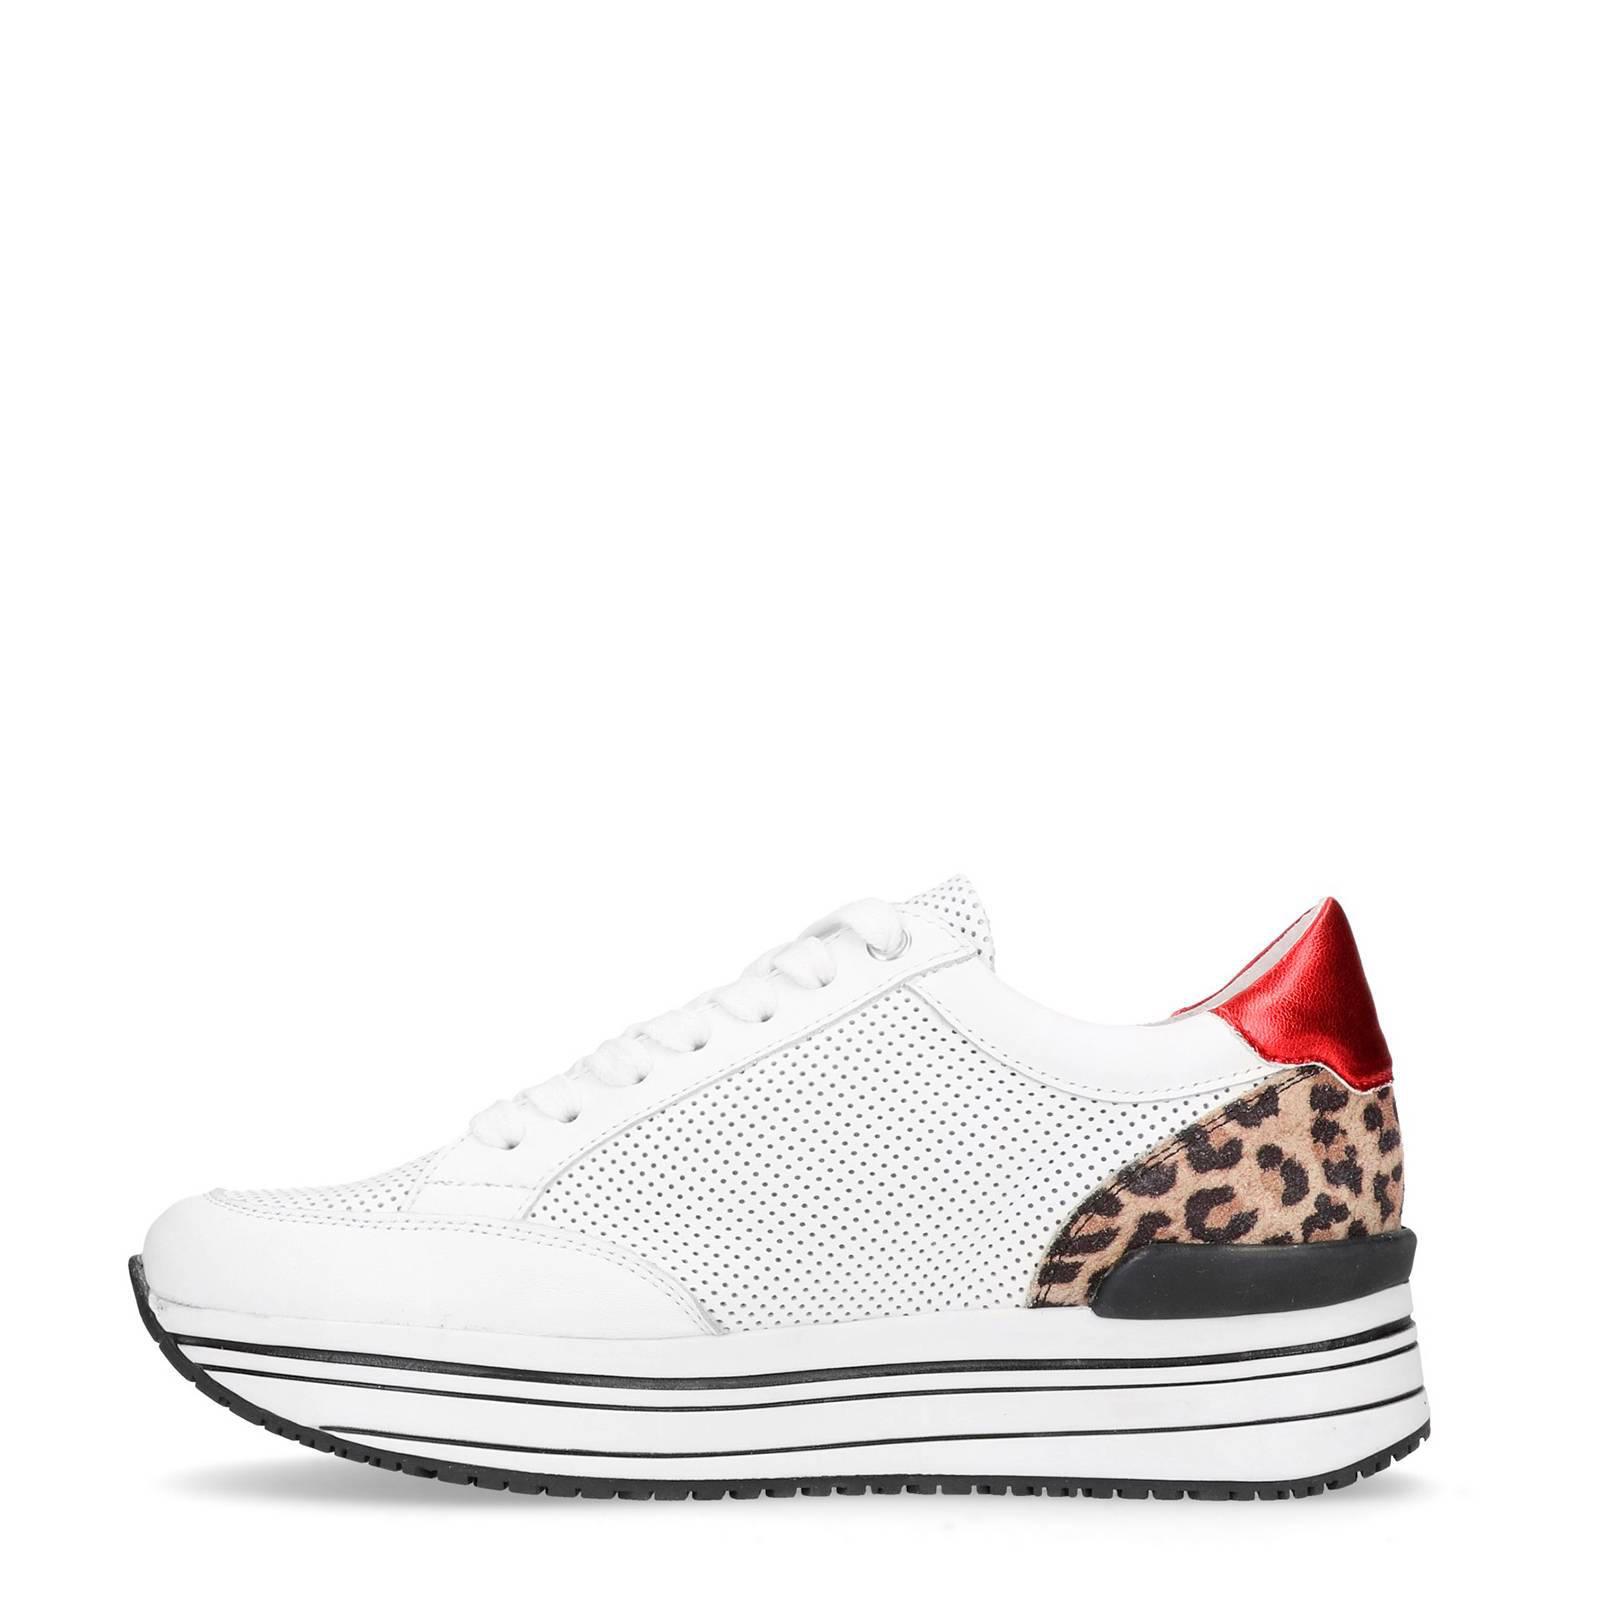 285fba5f57c Manfield leren sneakers met luipaardprint   wehkamp